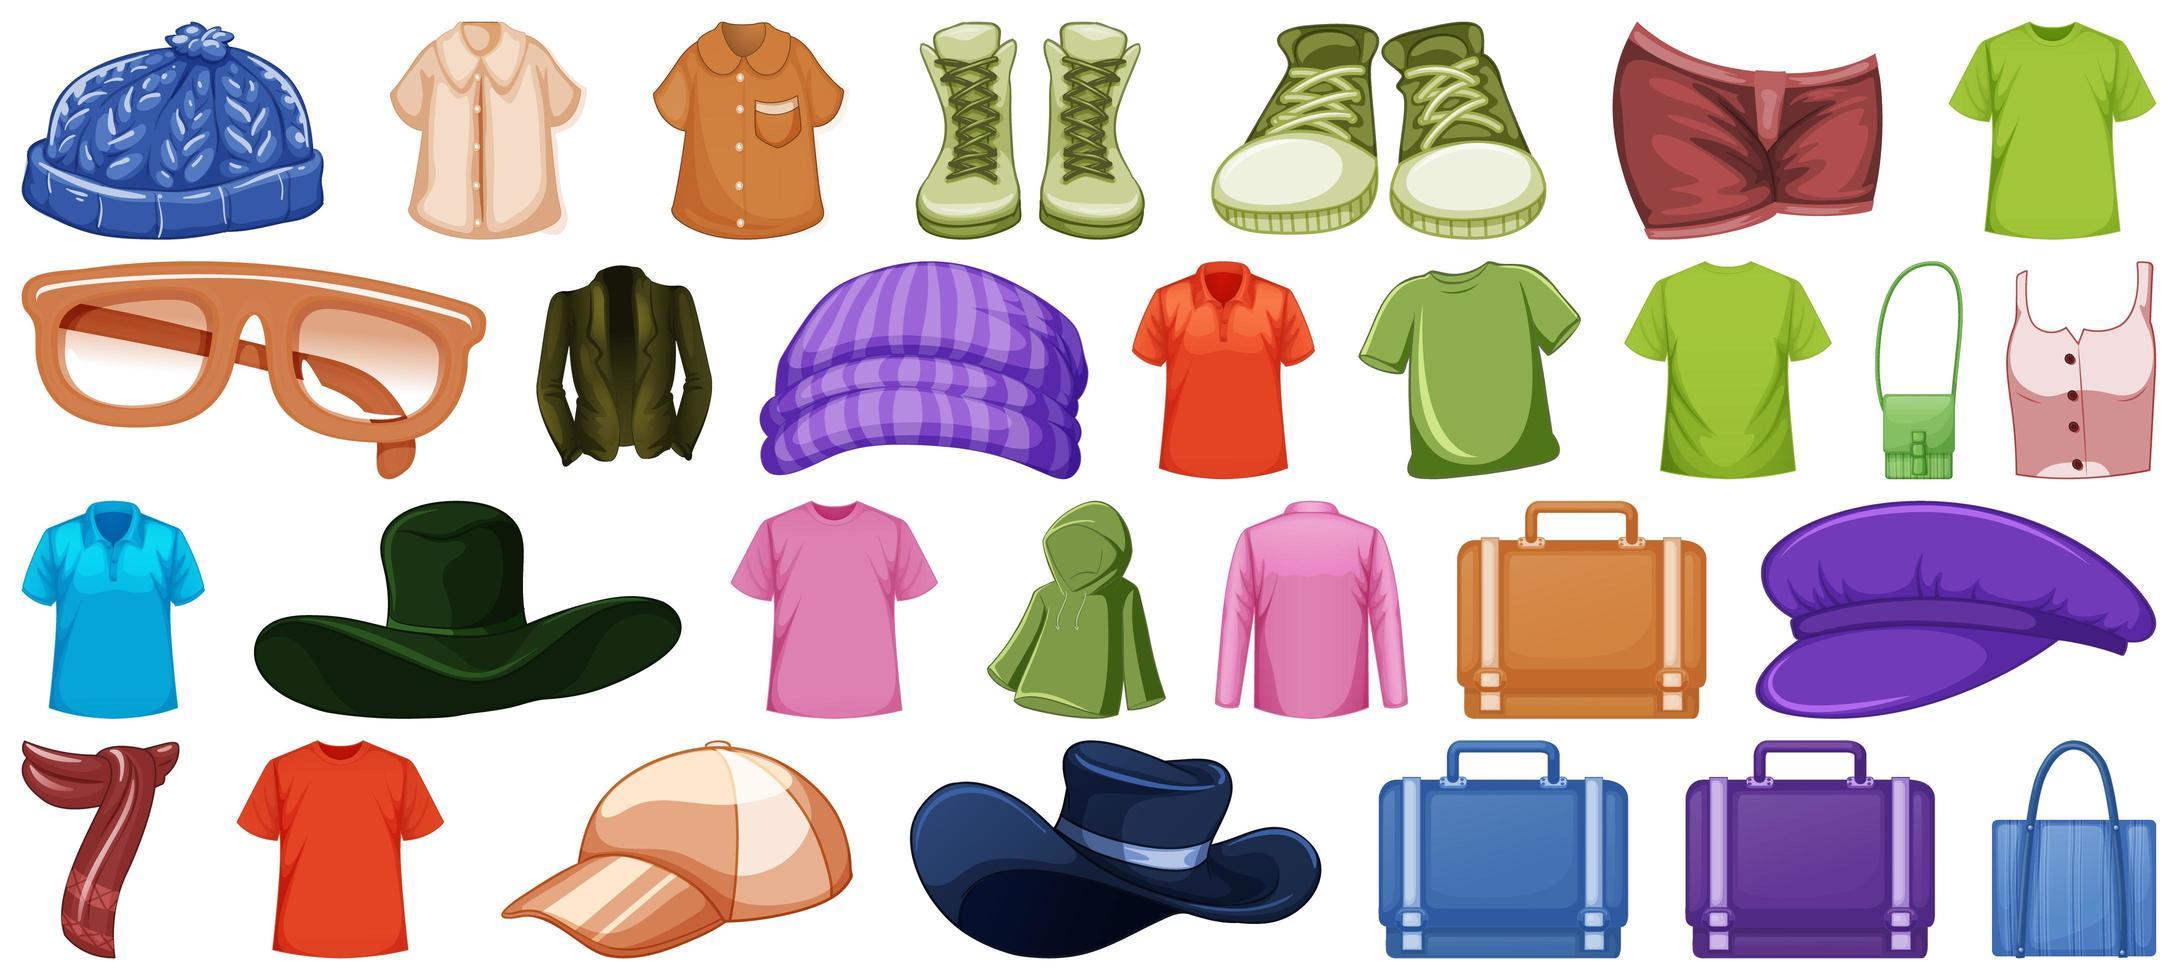 Conjunto de trajes y accesorios de moda sobre fondo blanco. vector